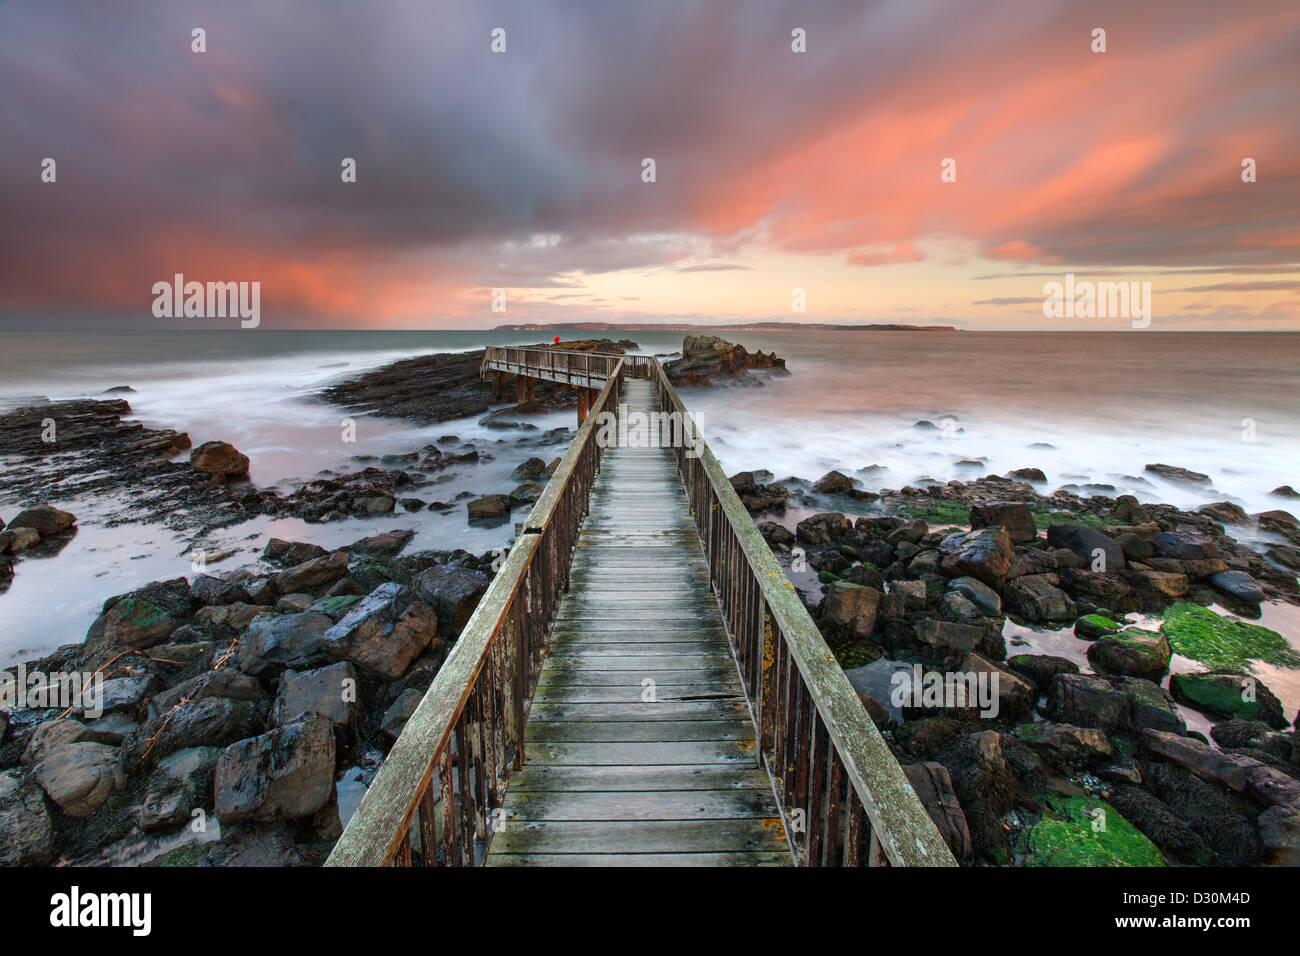 Padelle rocce Jetty, Strand spiaggia, Ballycastle. Immagini Stock